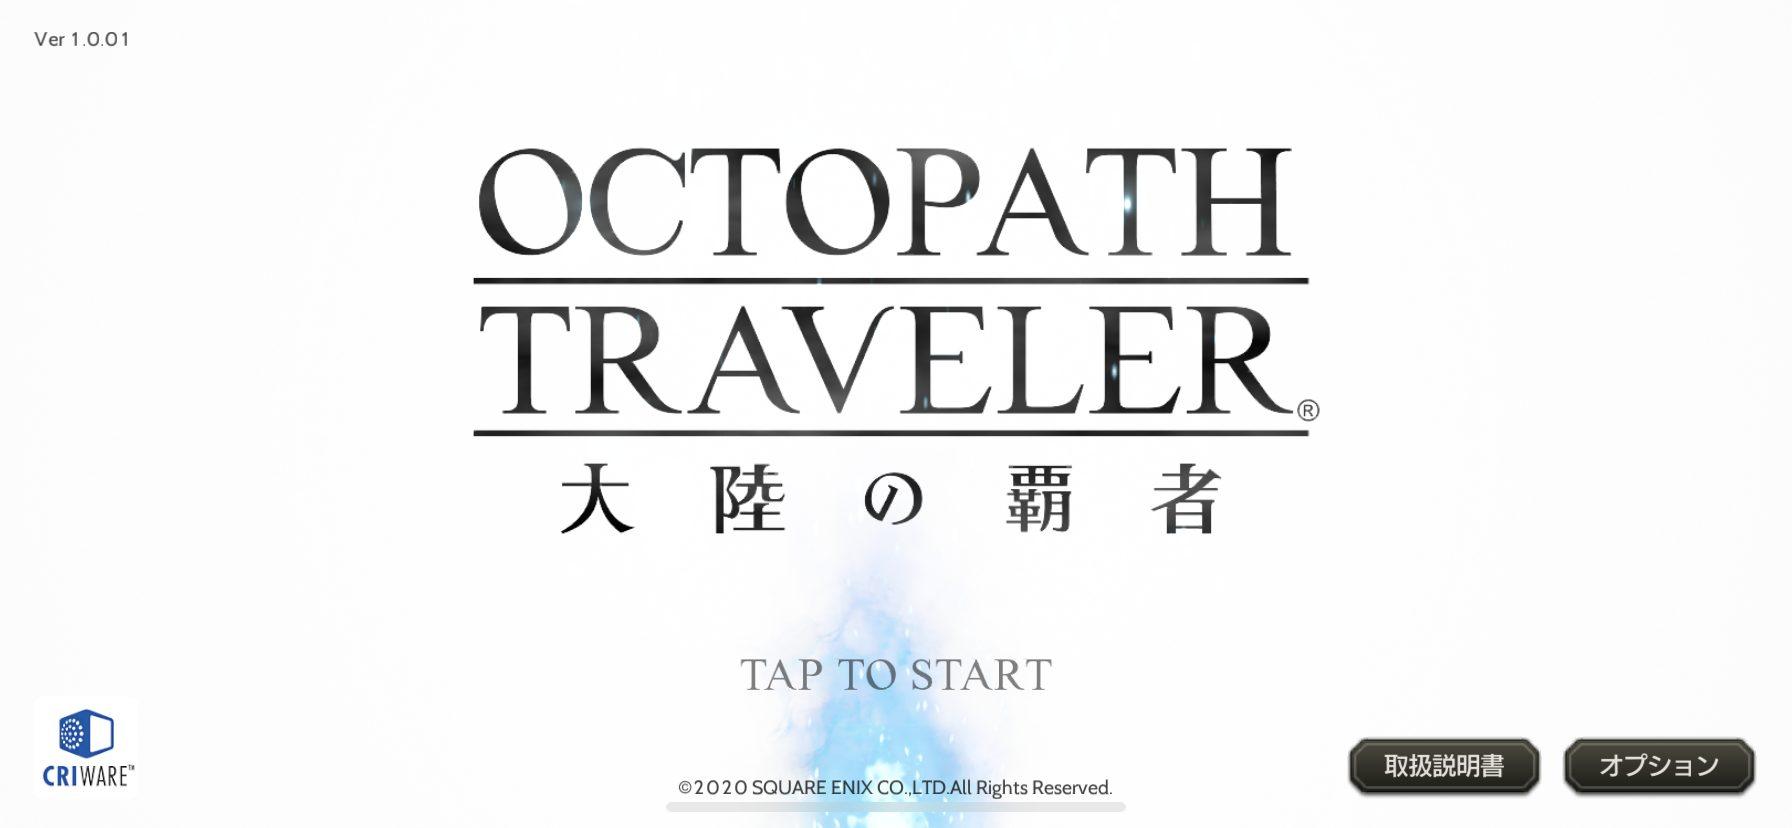 OCTOPATH TRAVELER大陸の覇者